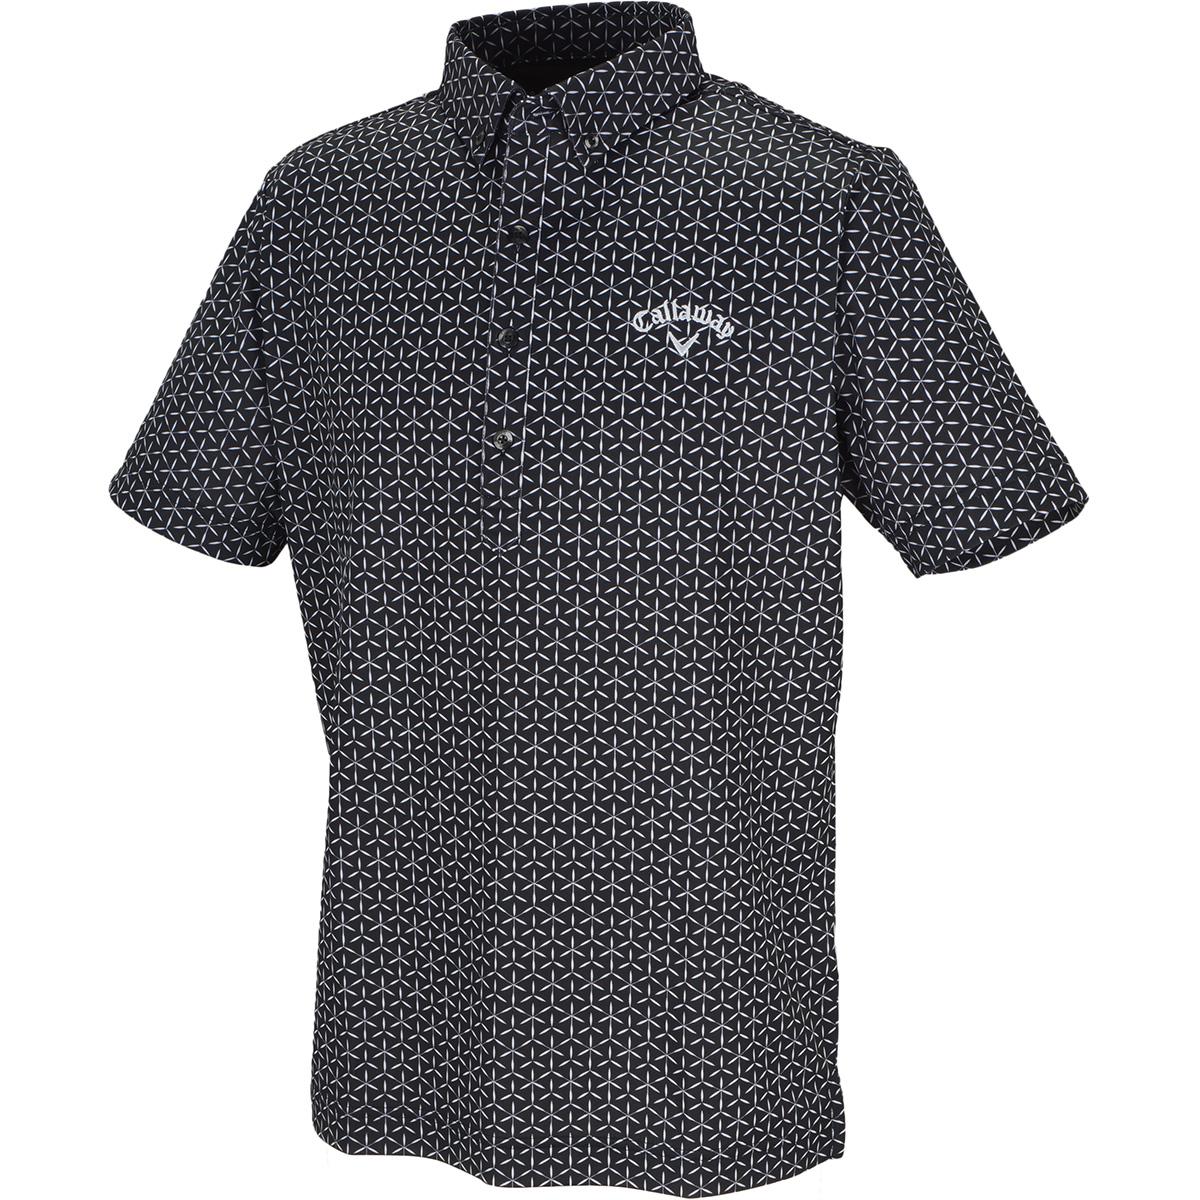 切子プリント クールドライ ボタンダウン半袖ポロシャツ